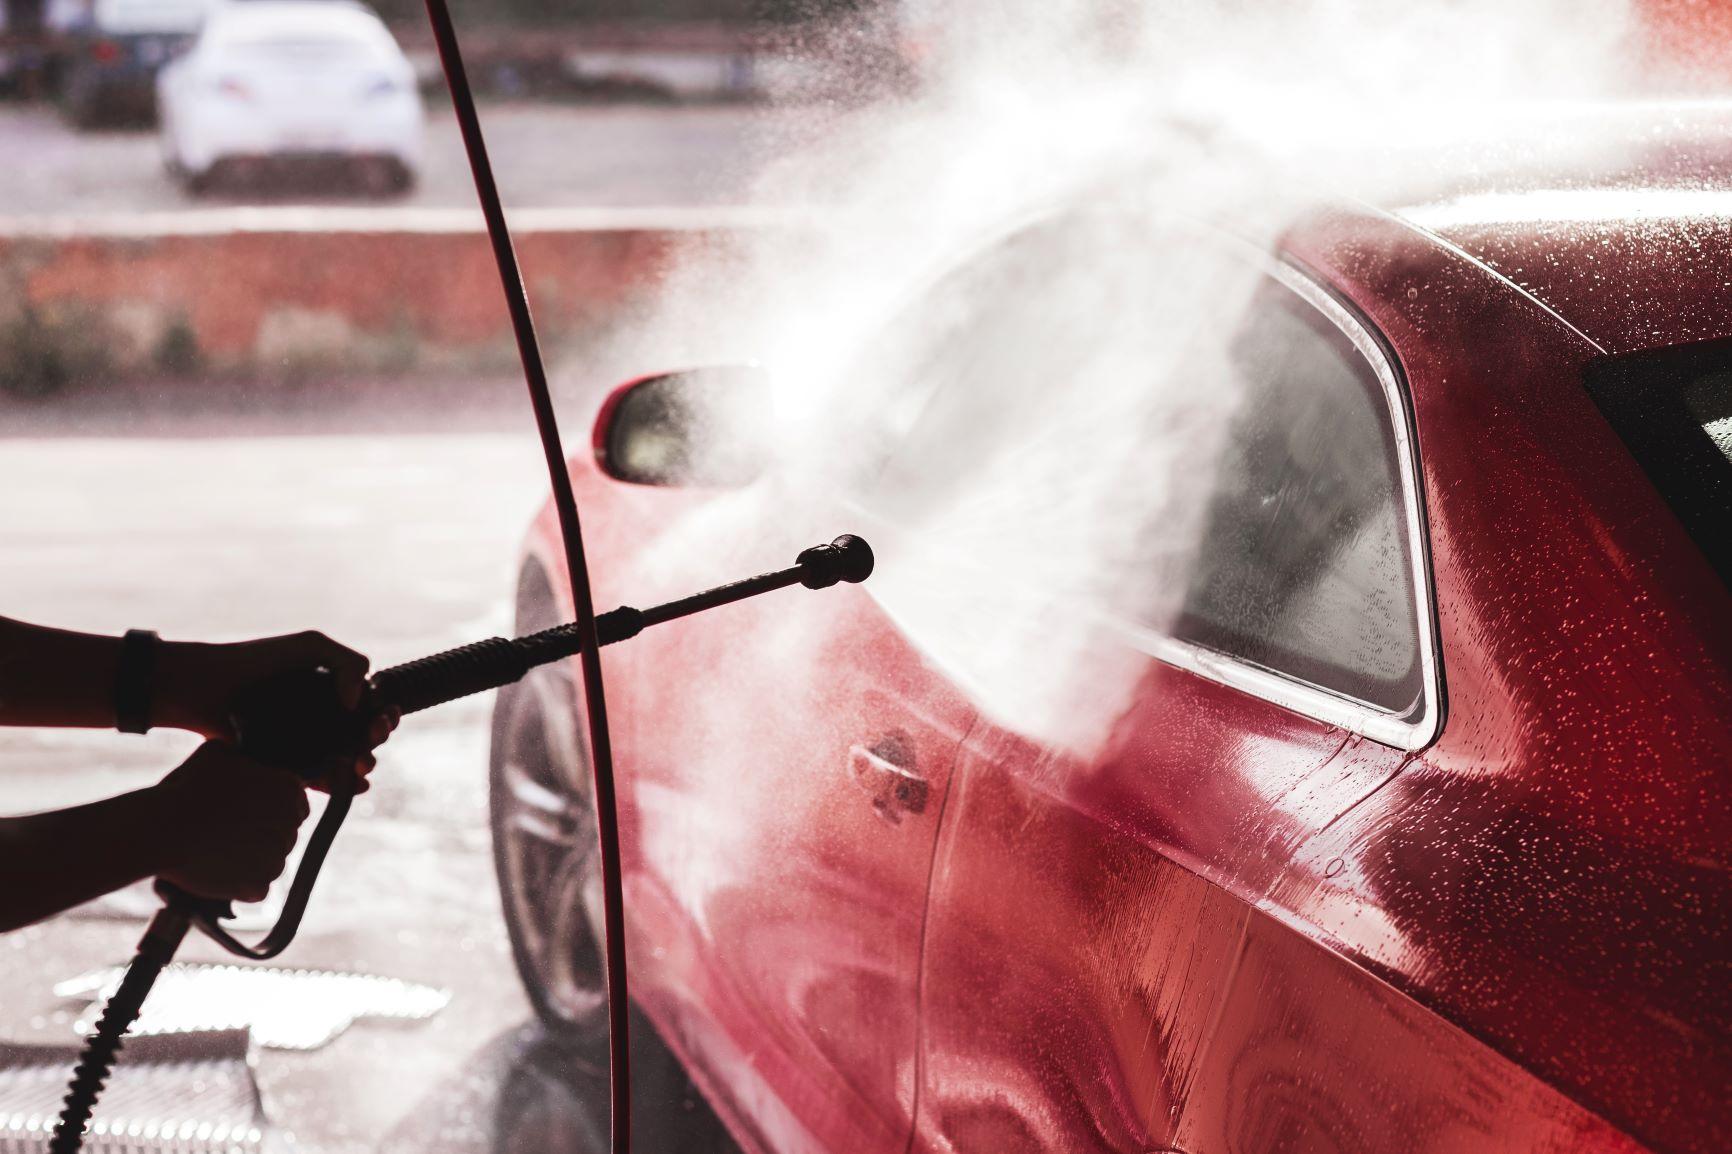 car washing a red sports car